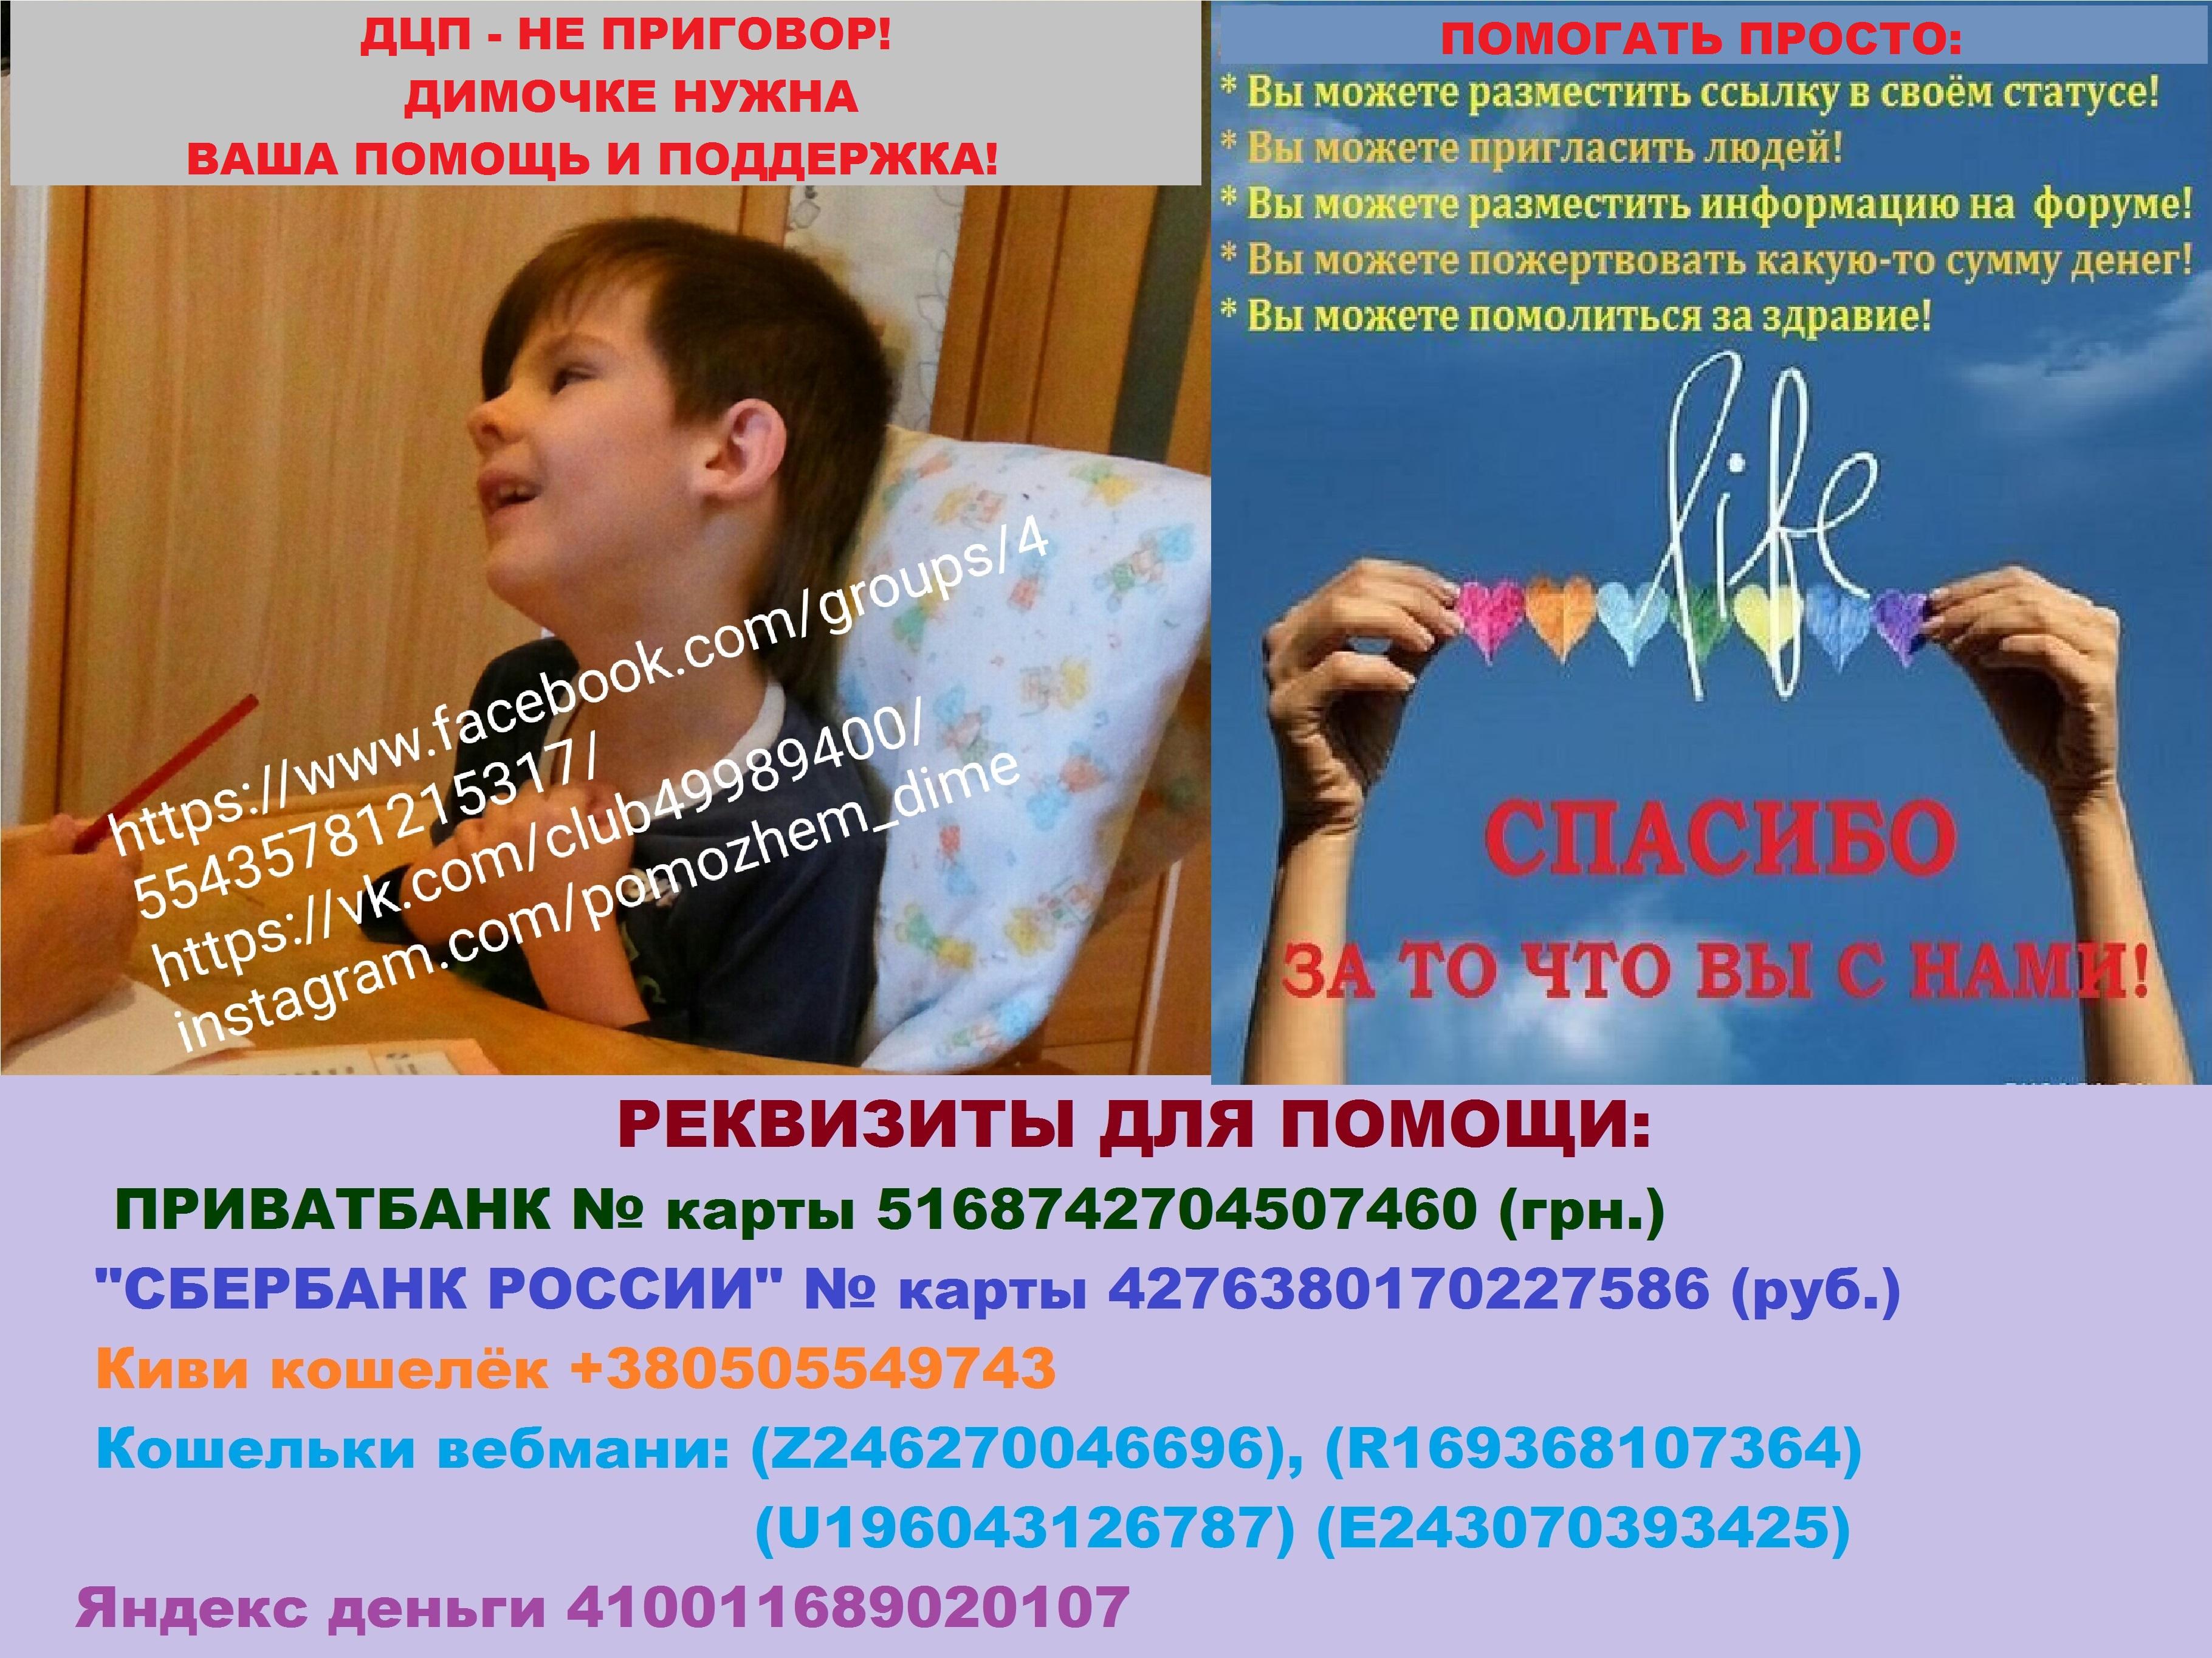 Яндекс фото девочке больно попу